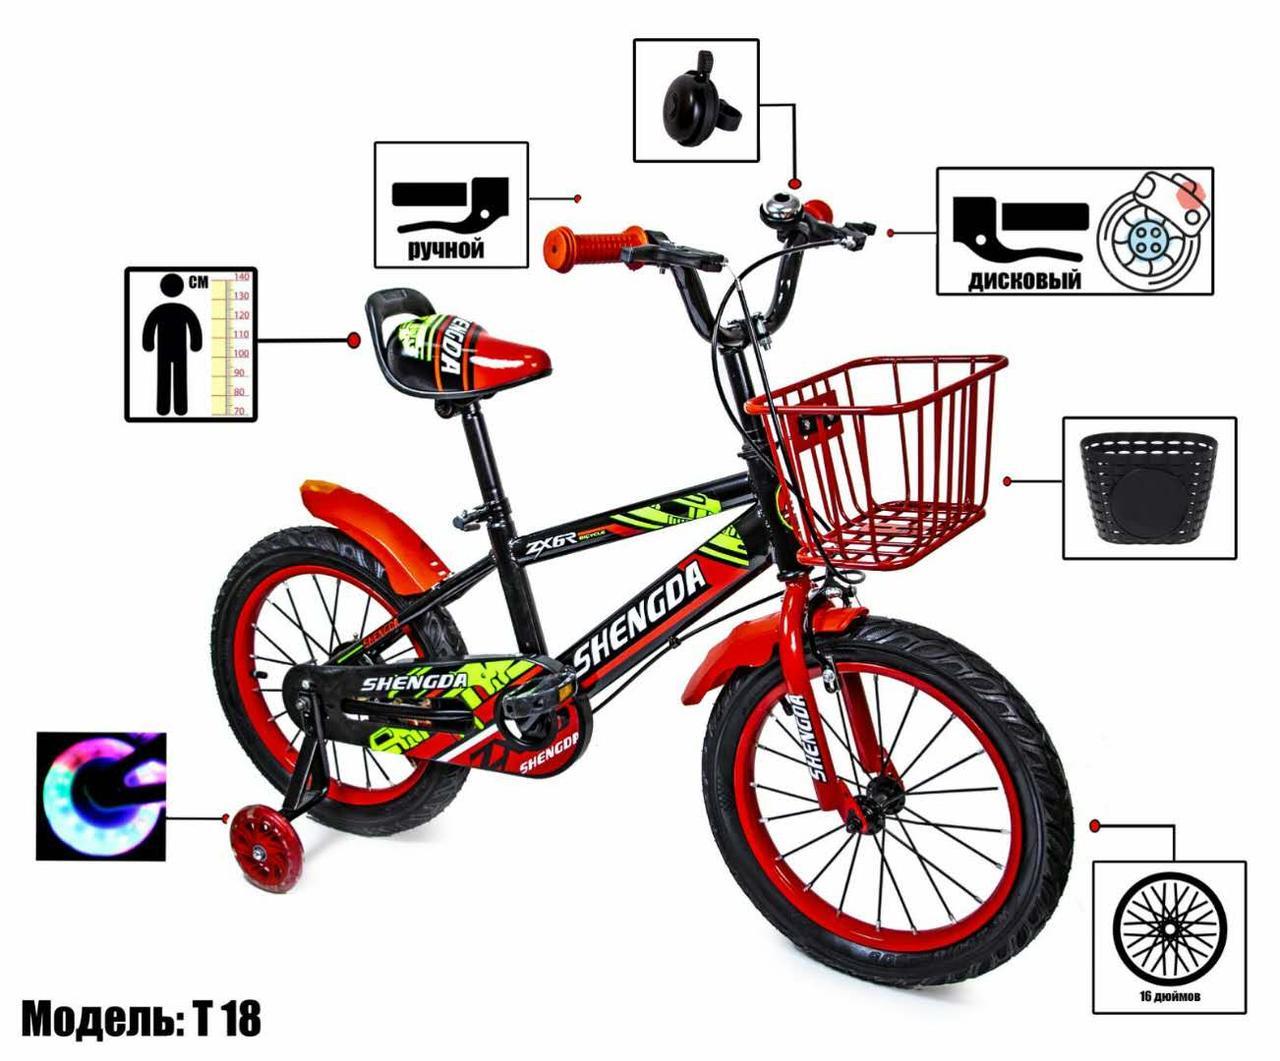 Велосипед детский 16 Shengda красный цвет, ручной и дисковый тормоз от 4 до 8 лет